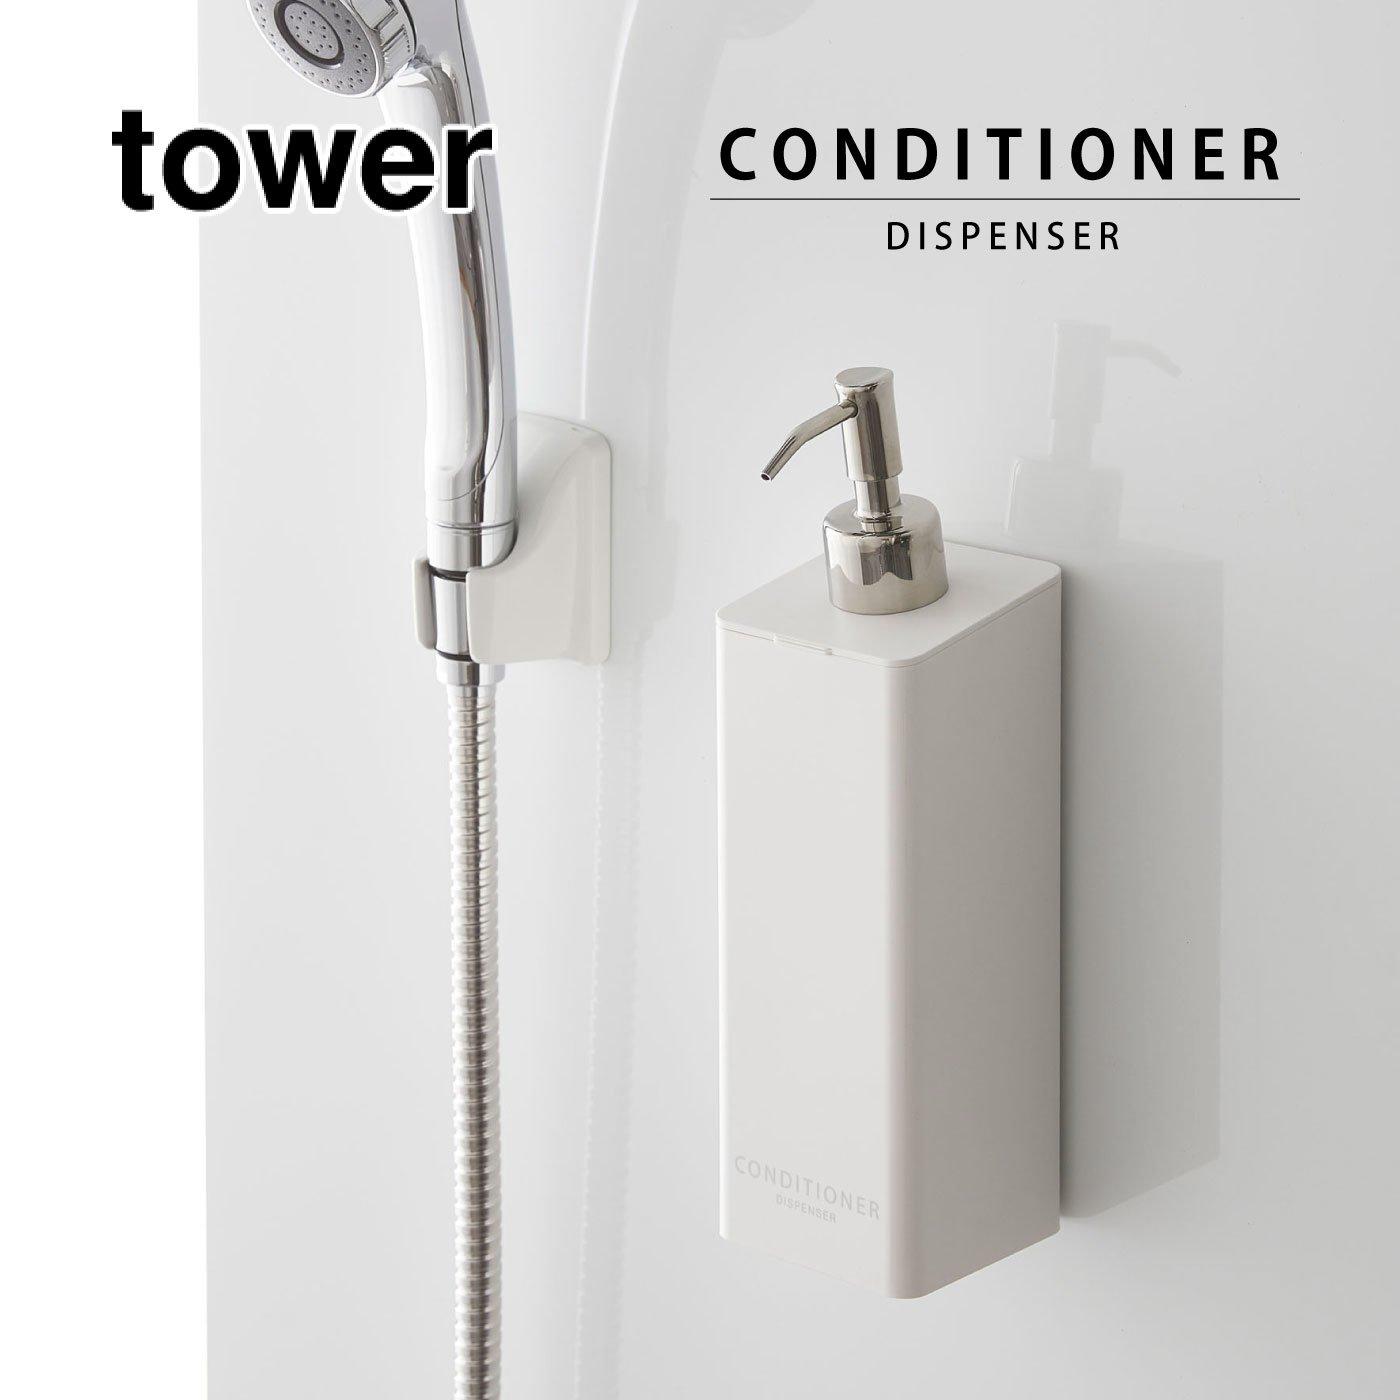 tower マグネット ツーウェイディスペンサー <コンディショナー >